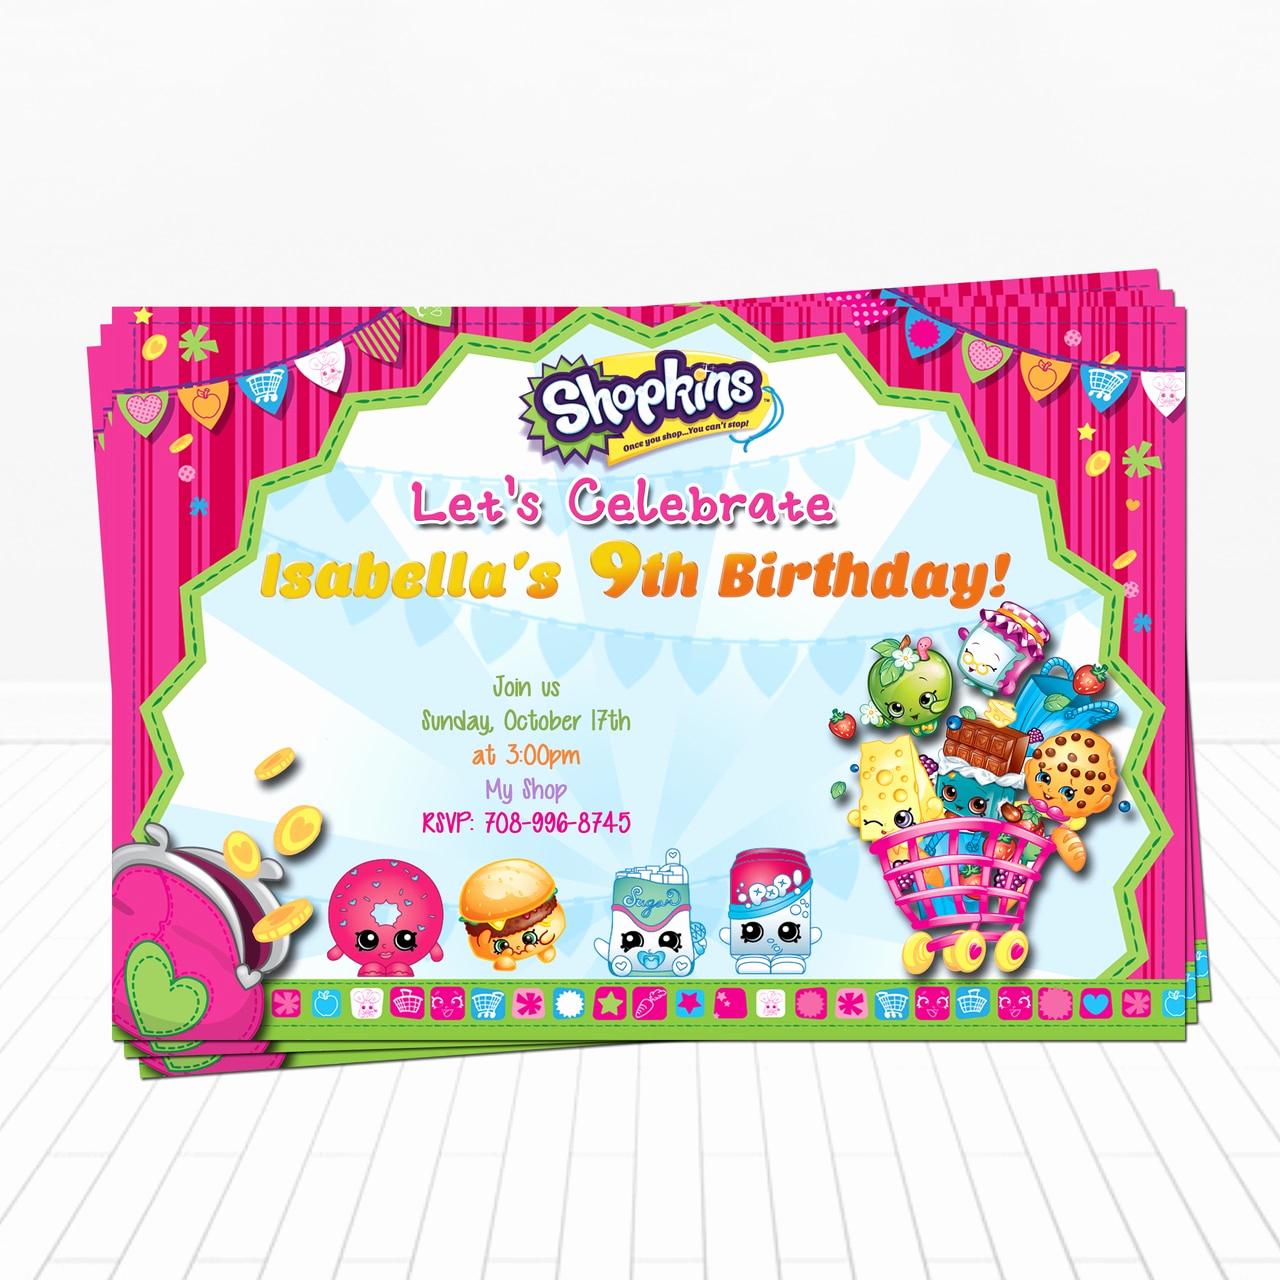 Shopkins Birthday Party Invitation Lovely Shopkins Birthday Invitation Shopkins Supplies